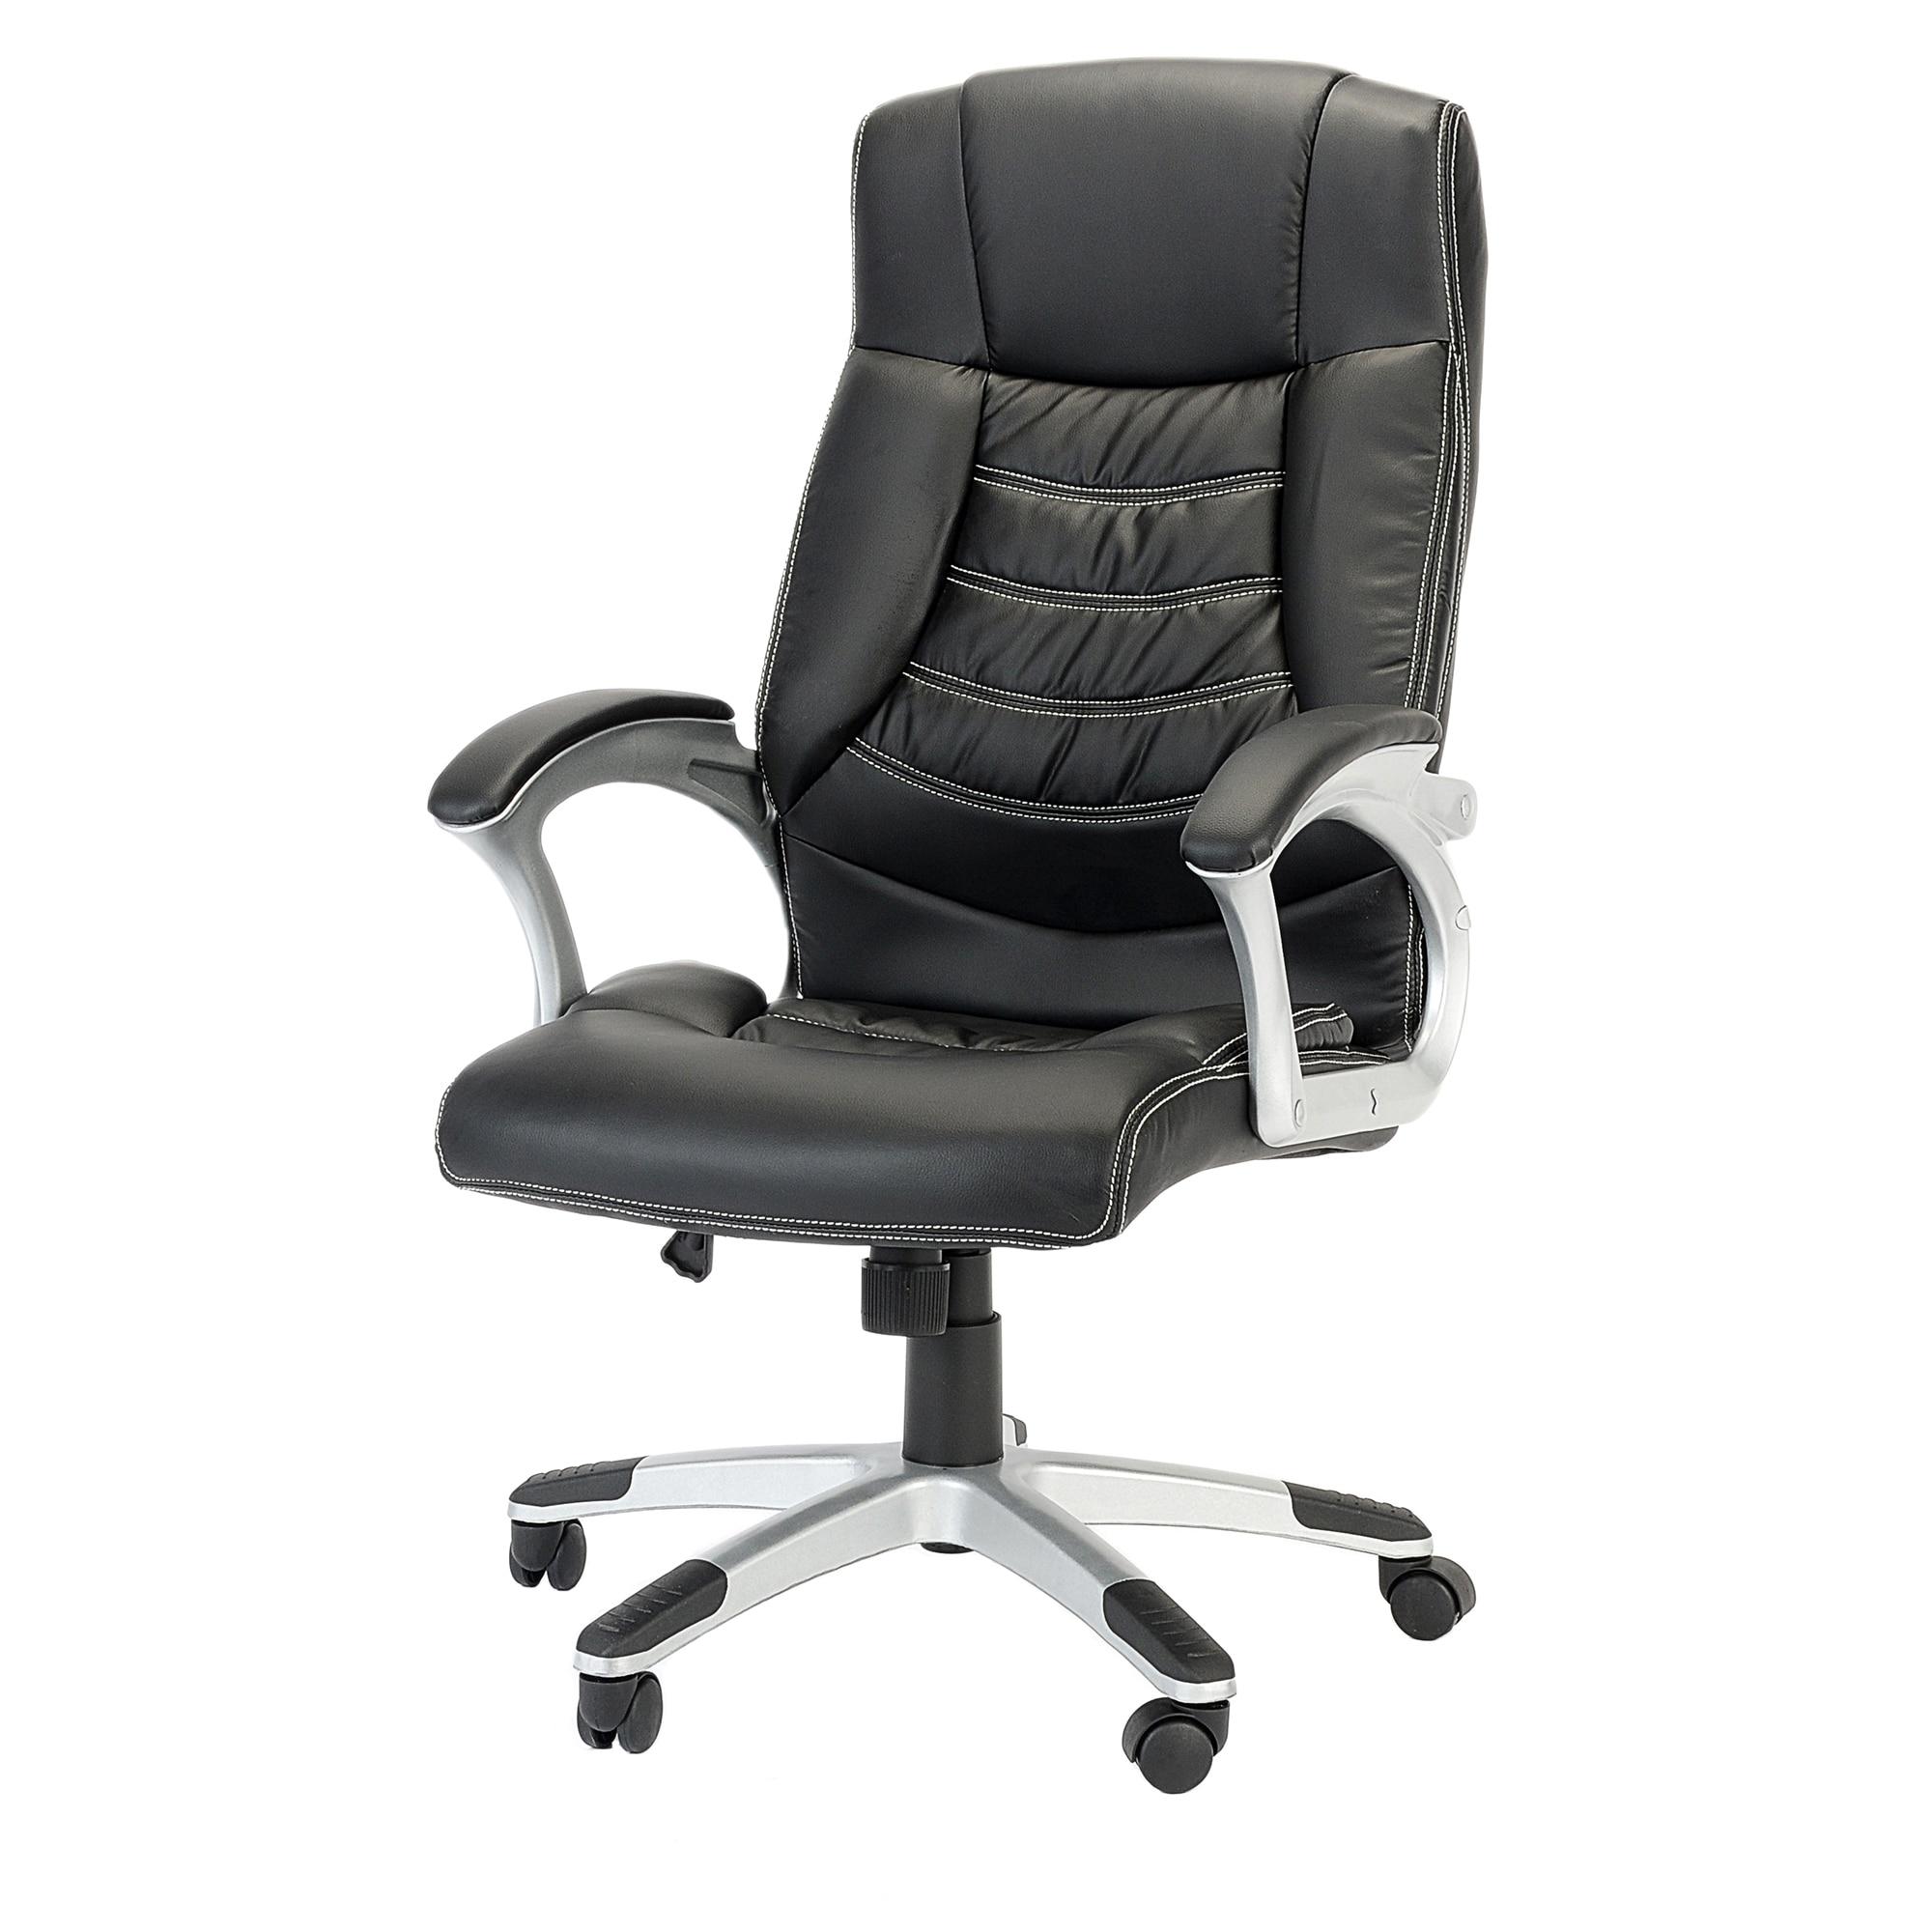 ergonómikus szék 17000 ft